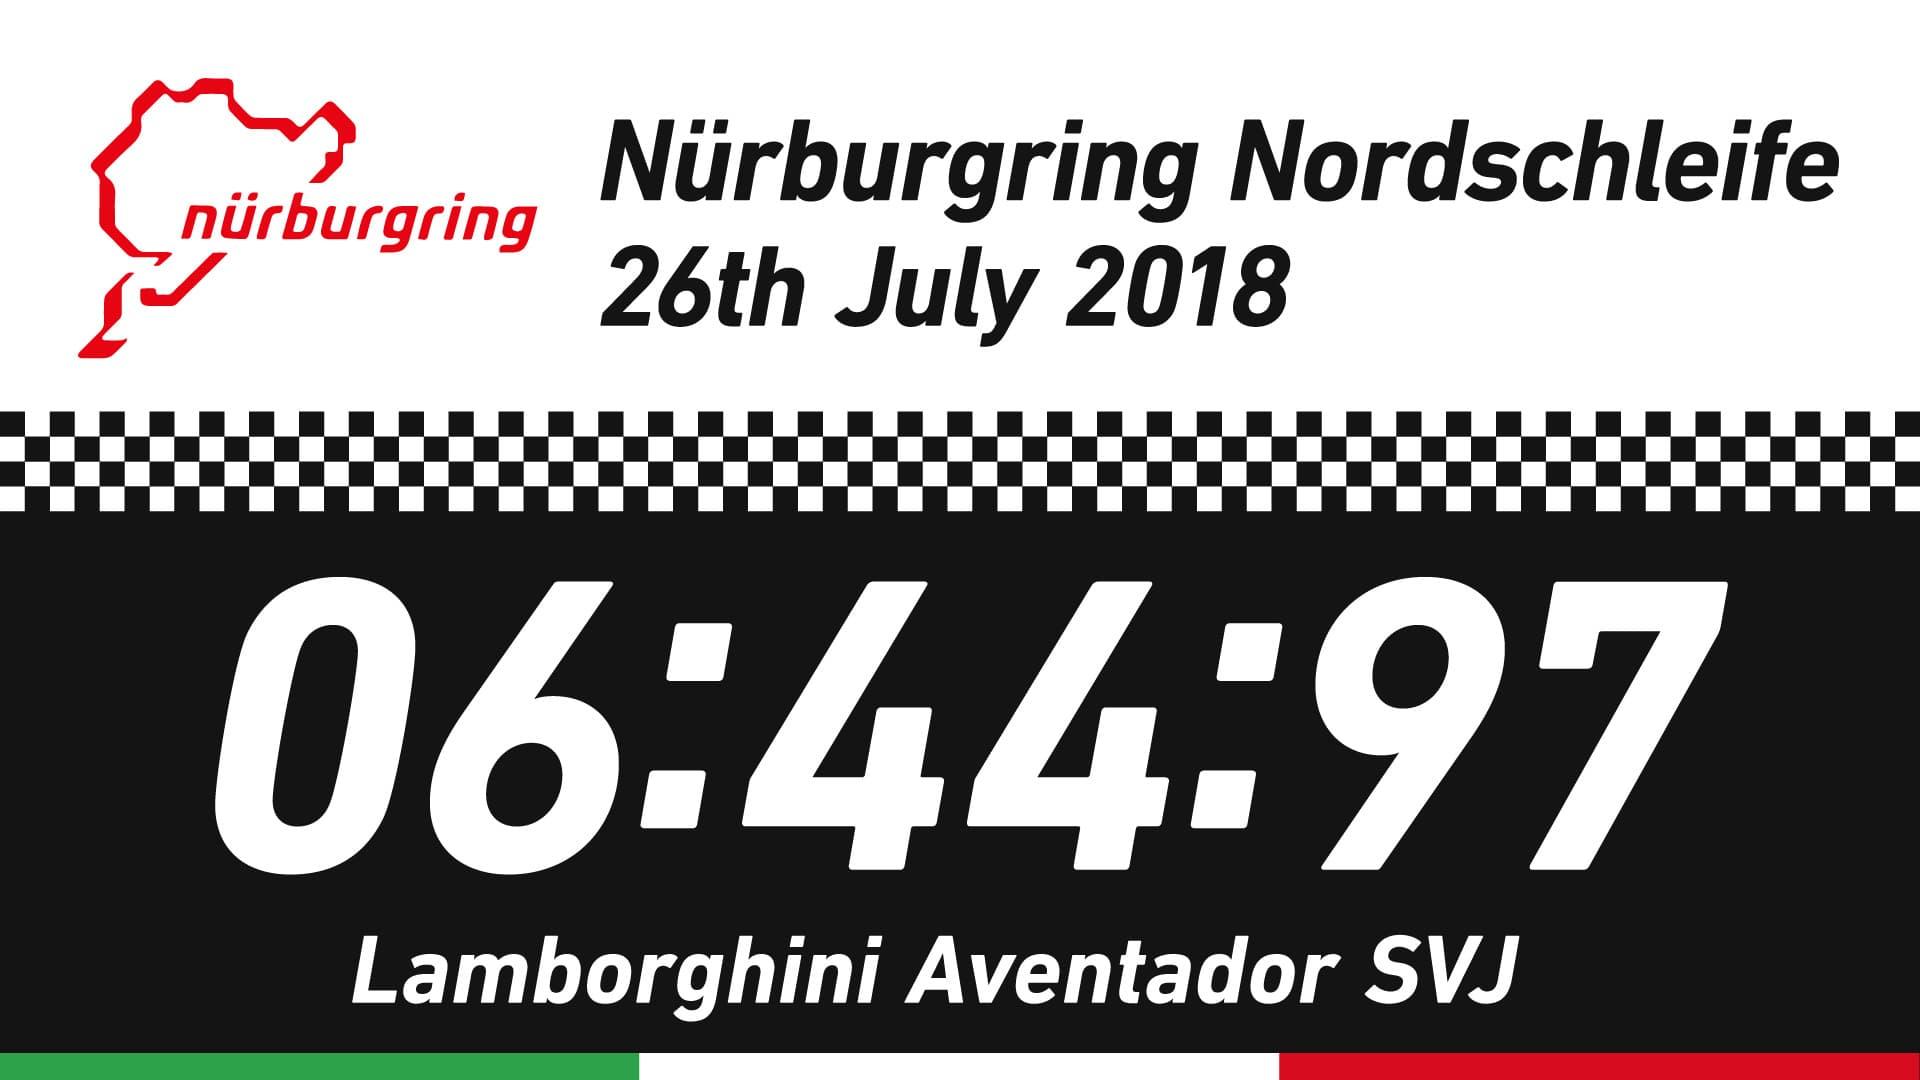 Lamborghini Aventador SVJがニュルブルクリンクで記録したタイムレコード06:44:97